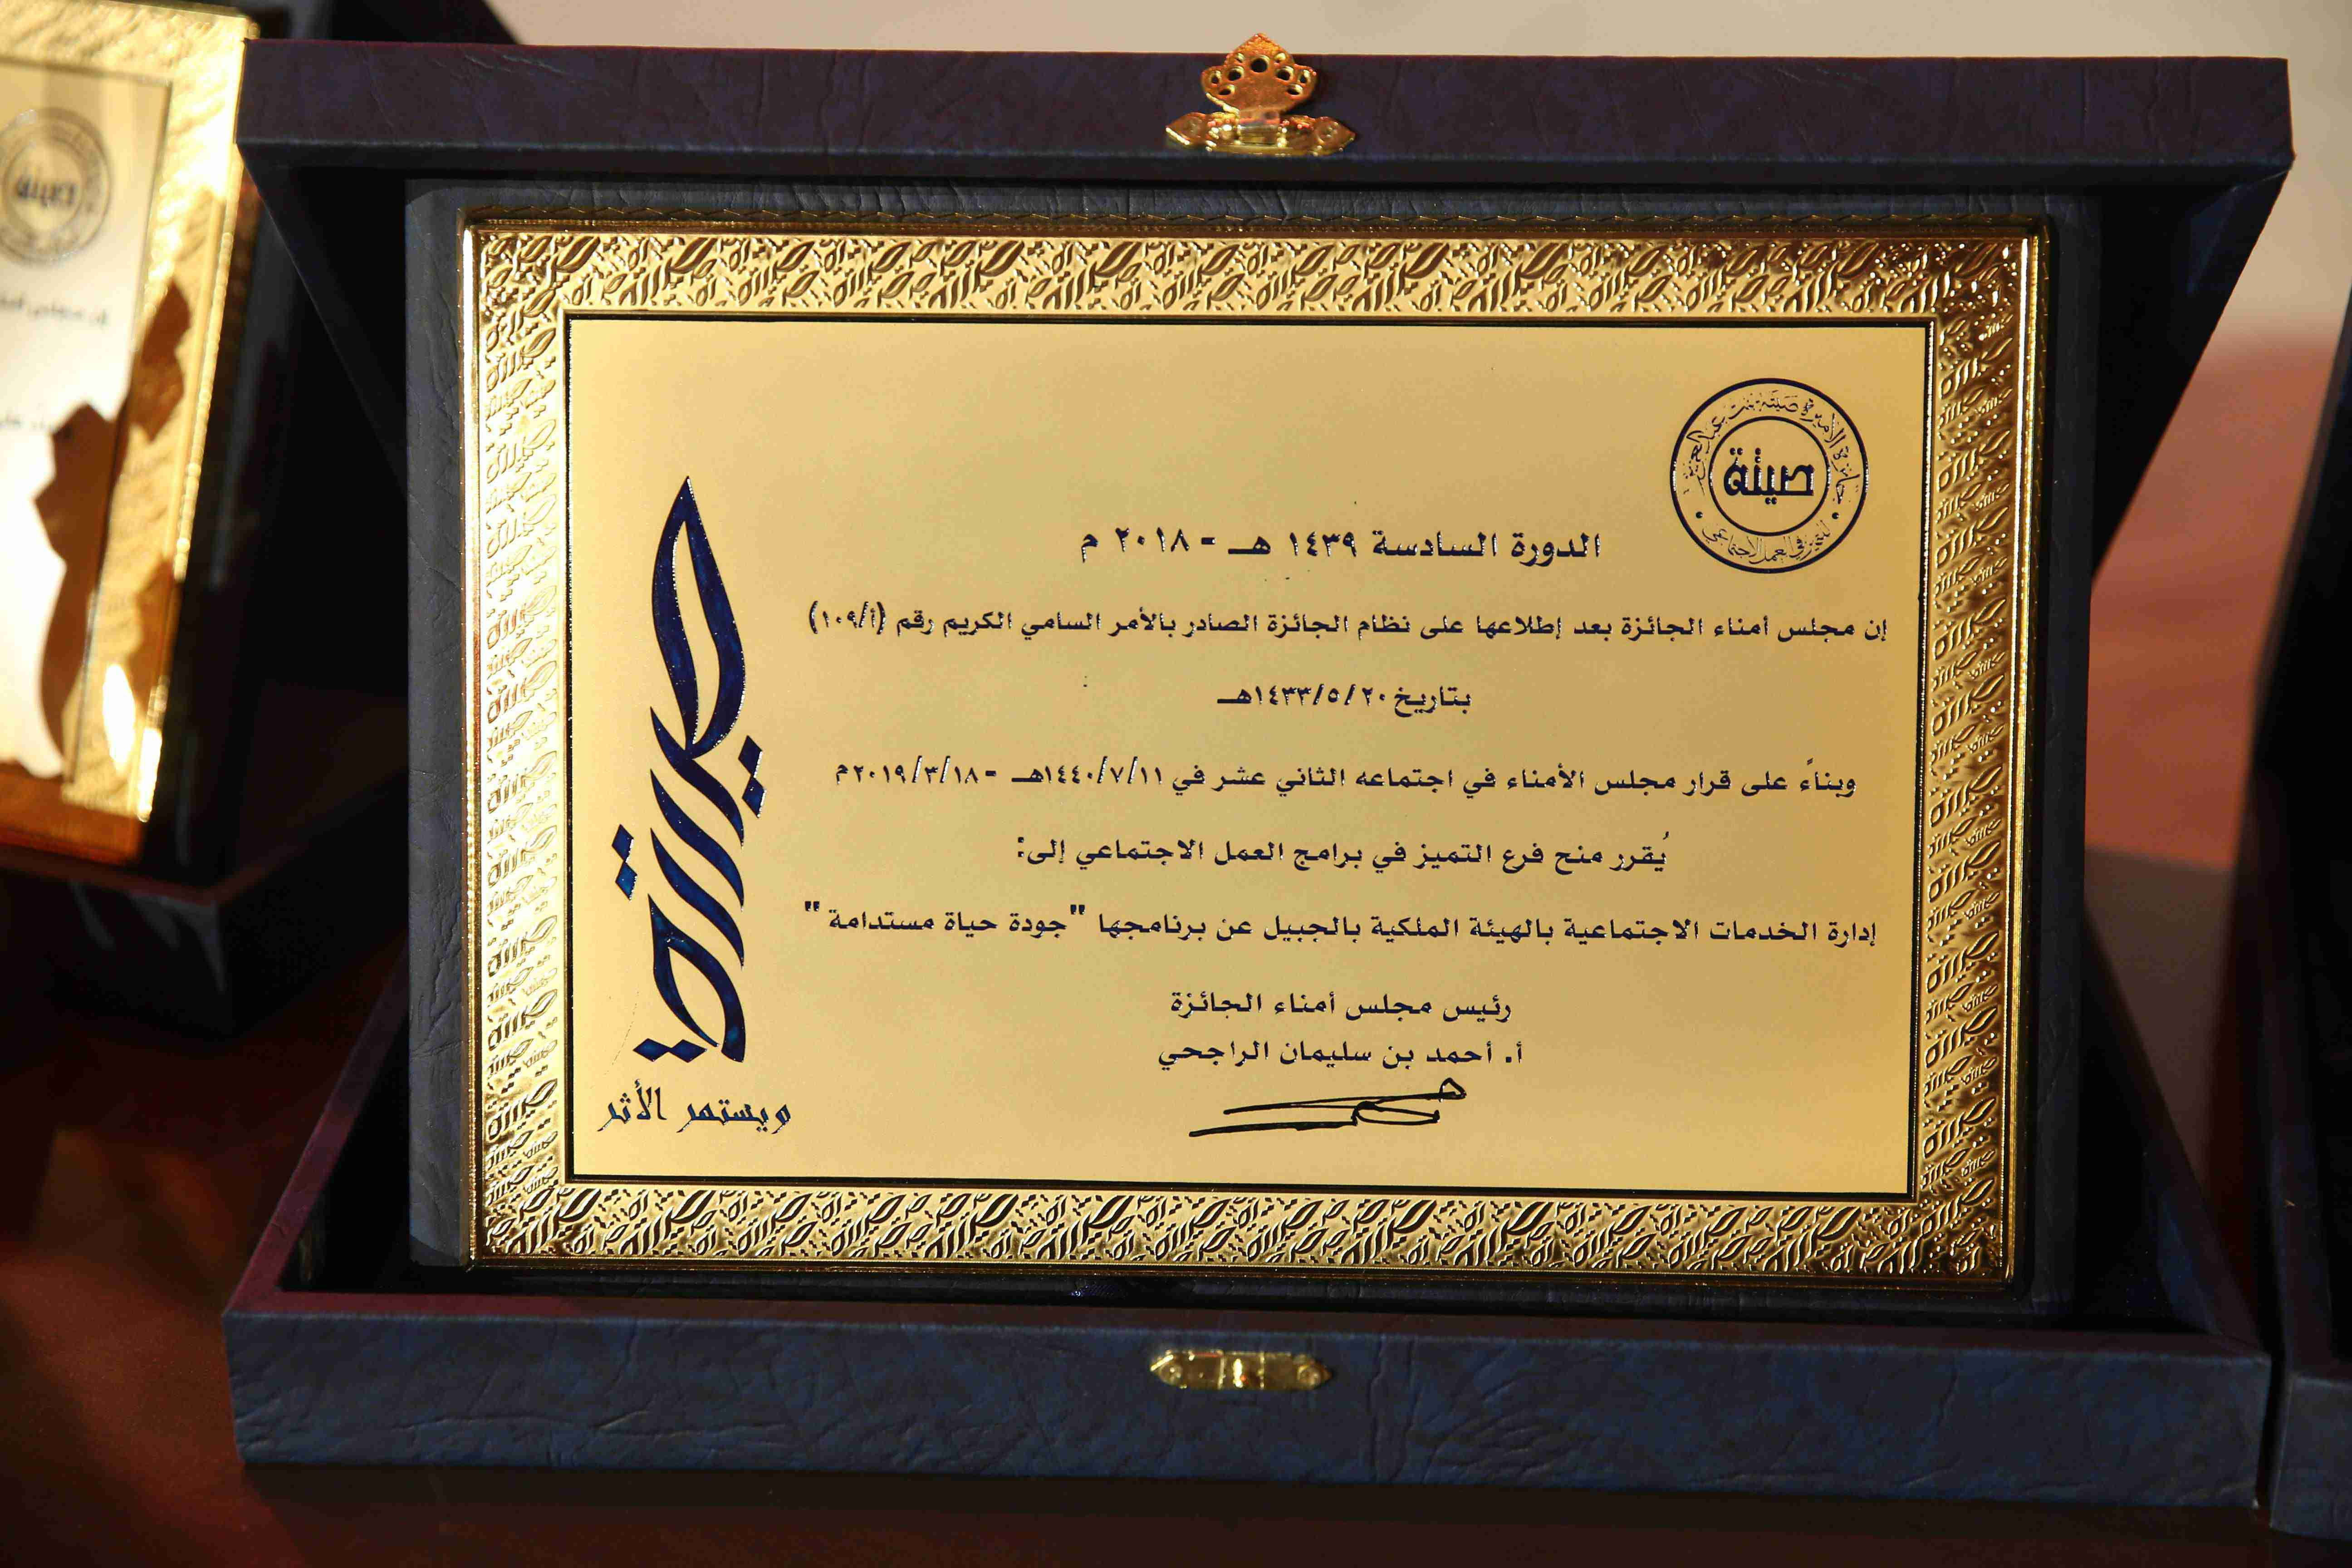 الفائز في فرع برامج العمل الاجتماعي بجائزة الأميرة صيتة لدورتها السادسة إدارة الخدمات بالهيئة الملكية بالجبيل